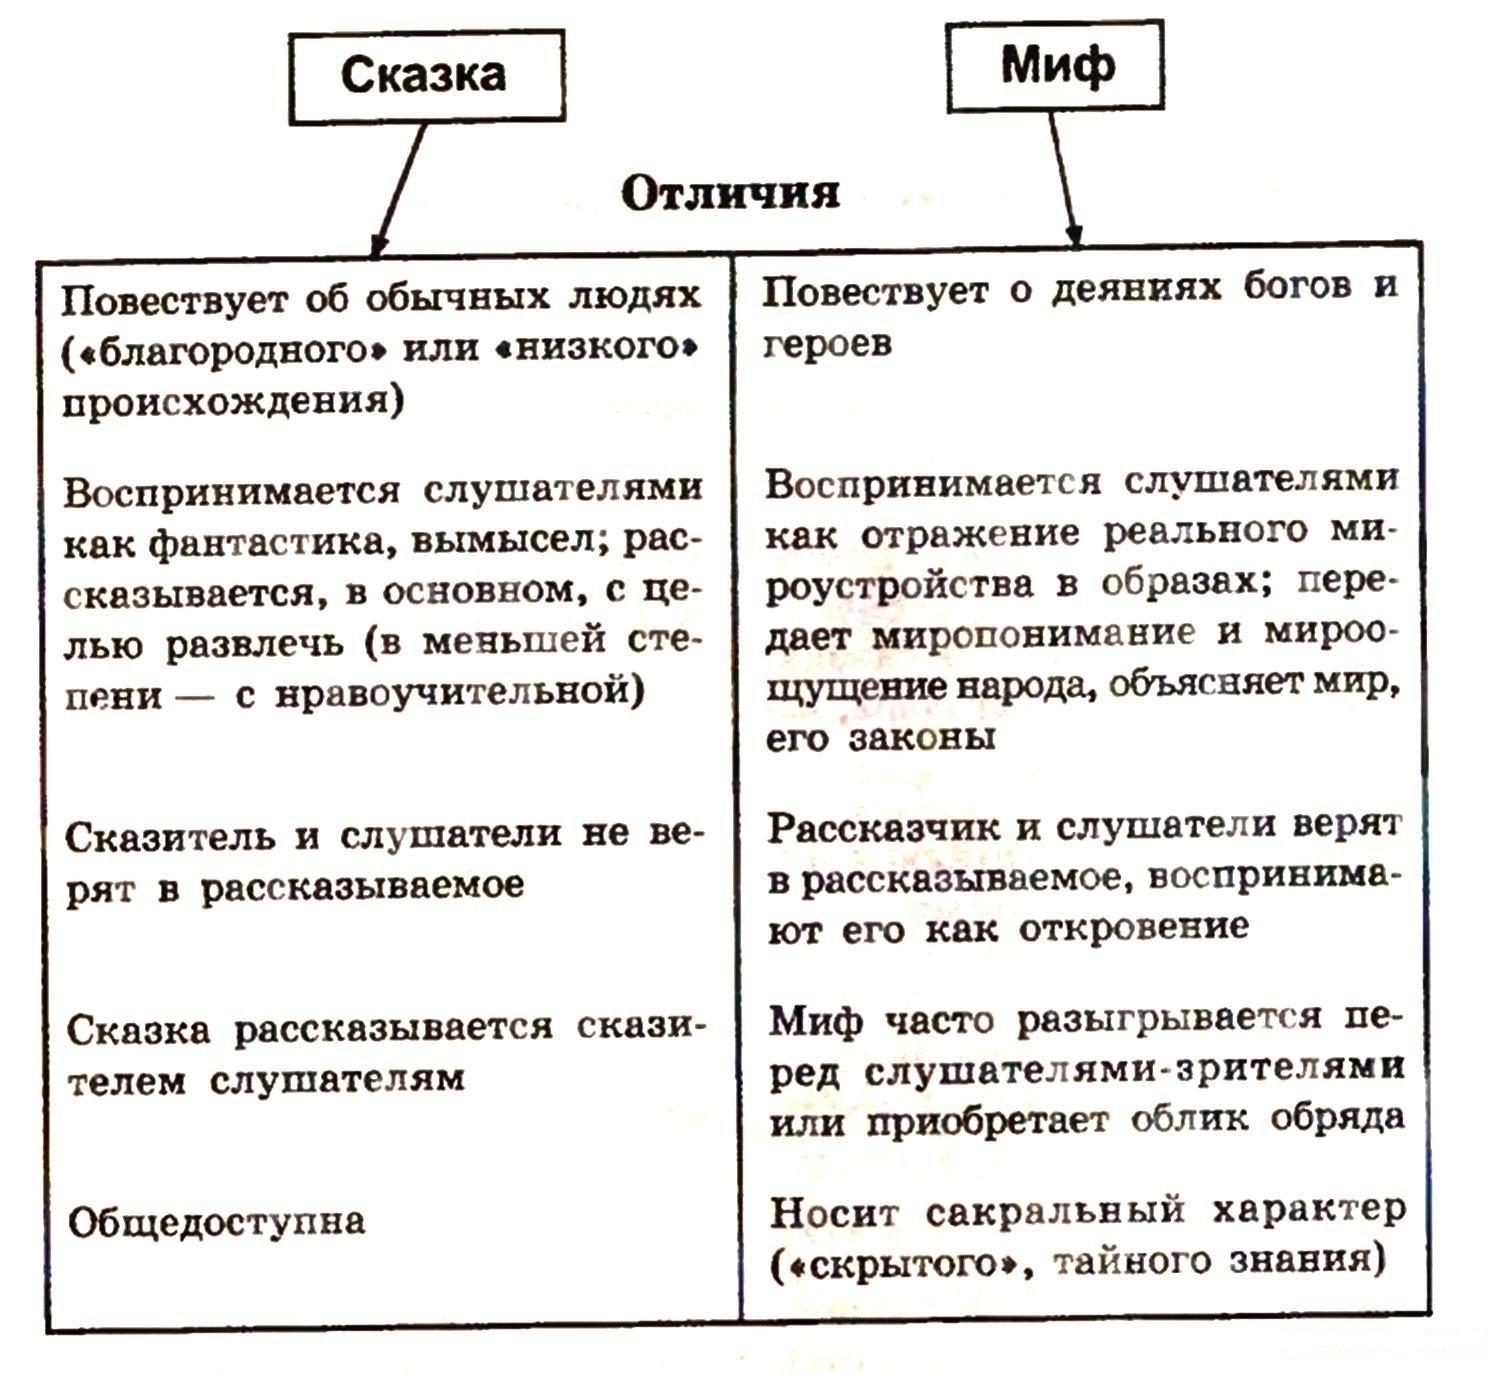 MBZKbJI7.jpg